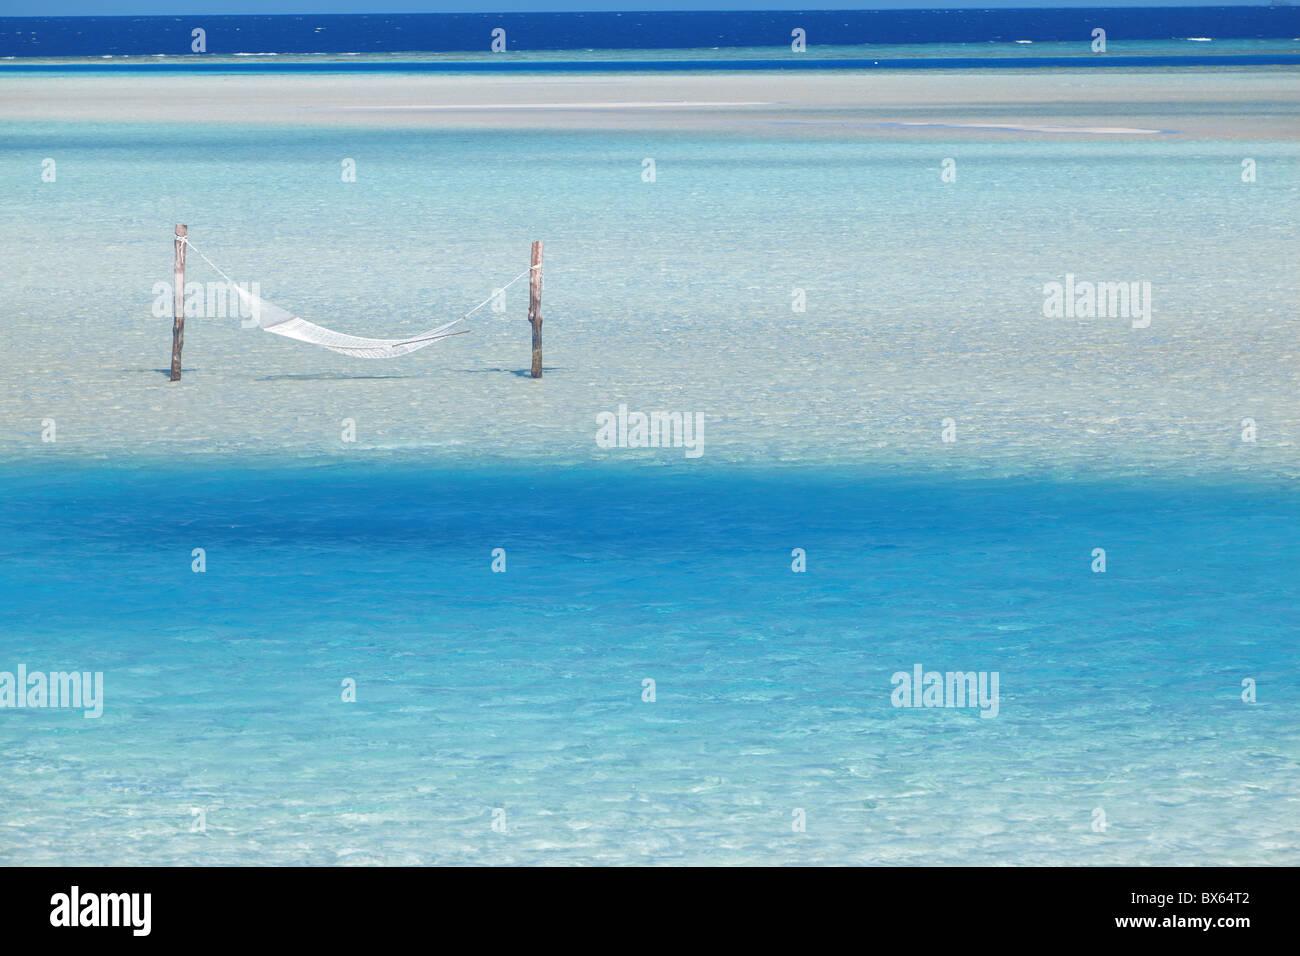 Amaca appesa in poco profonde acque chiare, Maldive, Oceano Indiano, Asia Immagini Stock